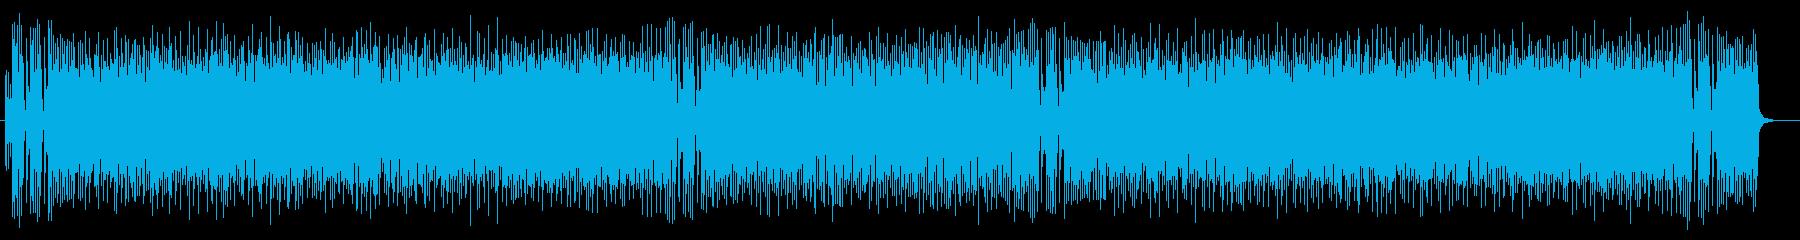 明るくはじけるようなギタードラムサウンドの再生済みの波形